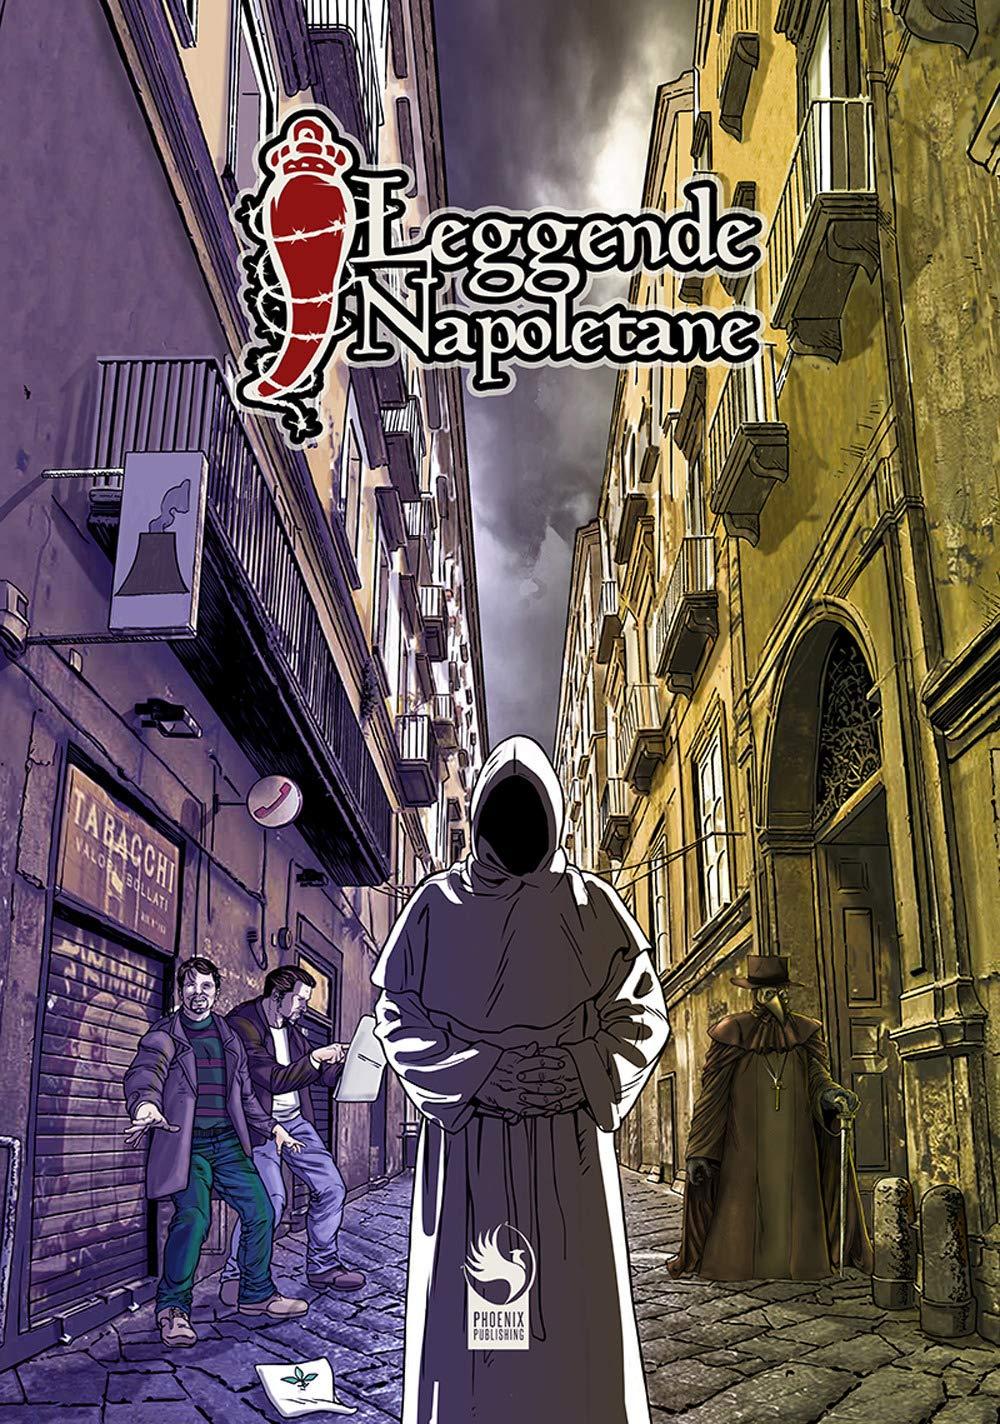 fumetti personaggi napoletani